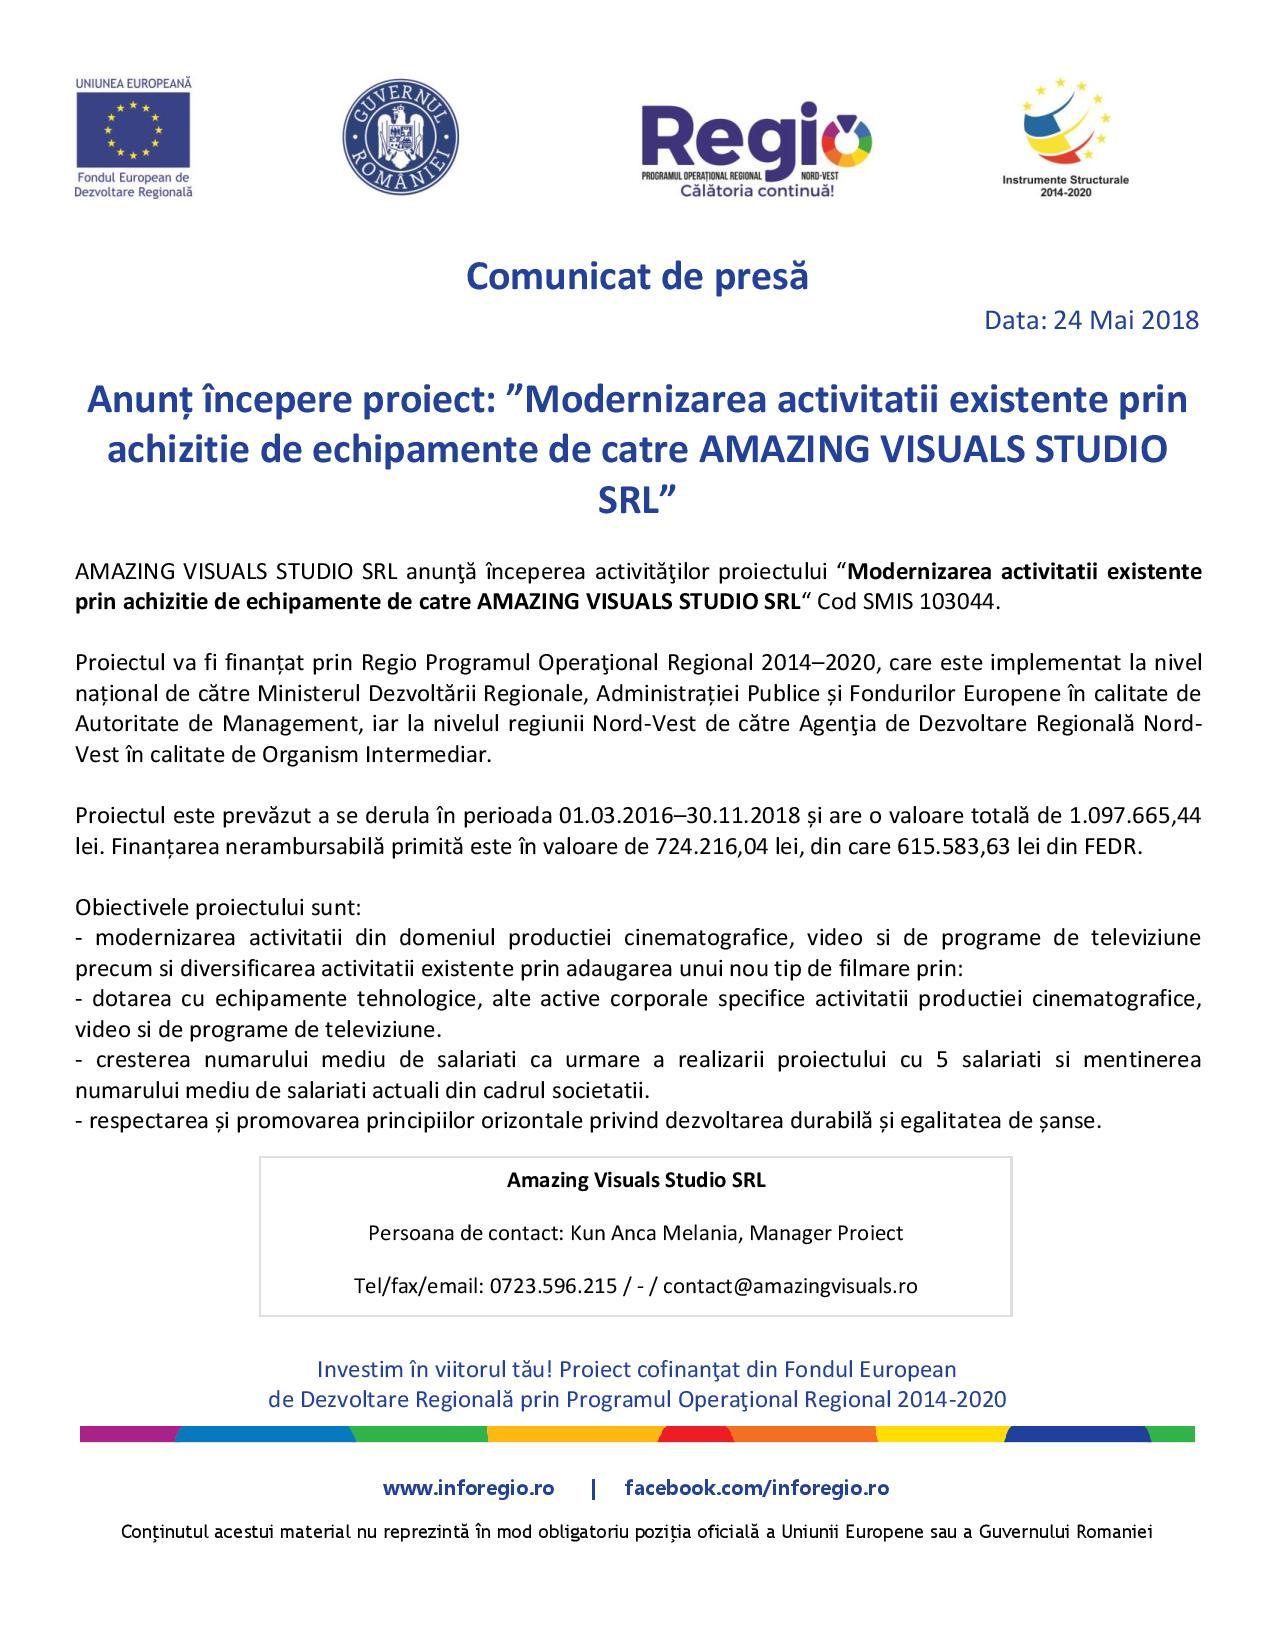 Comunicat-de-presa-Amazing Visual Studio SRL-NV